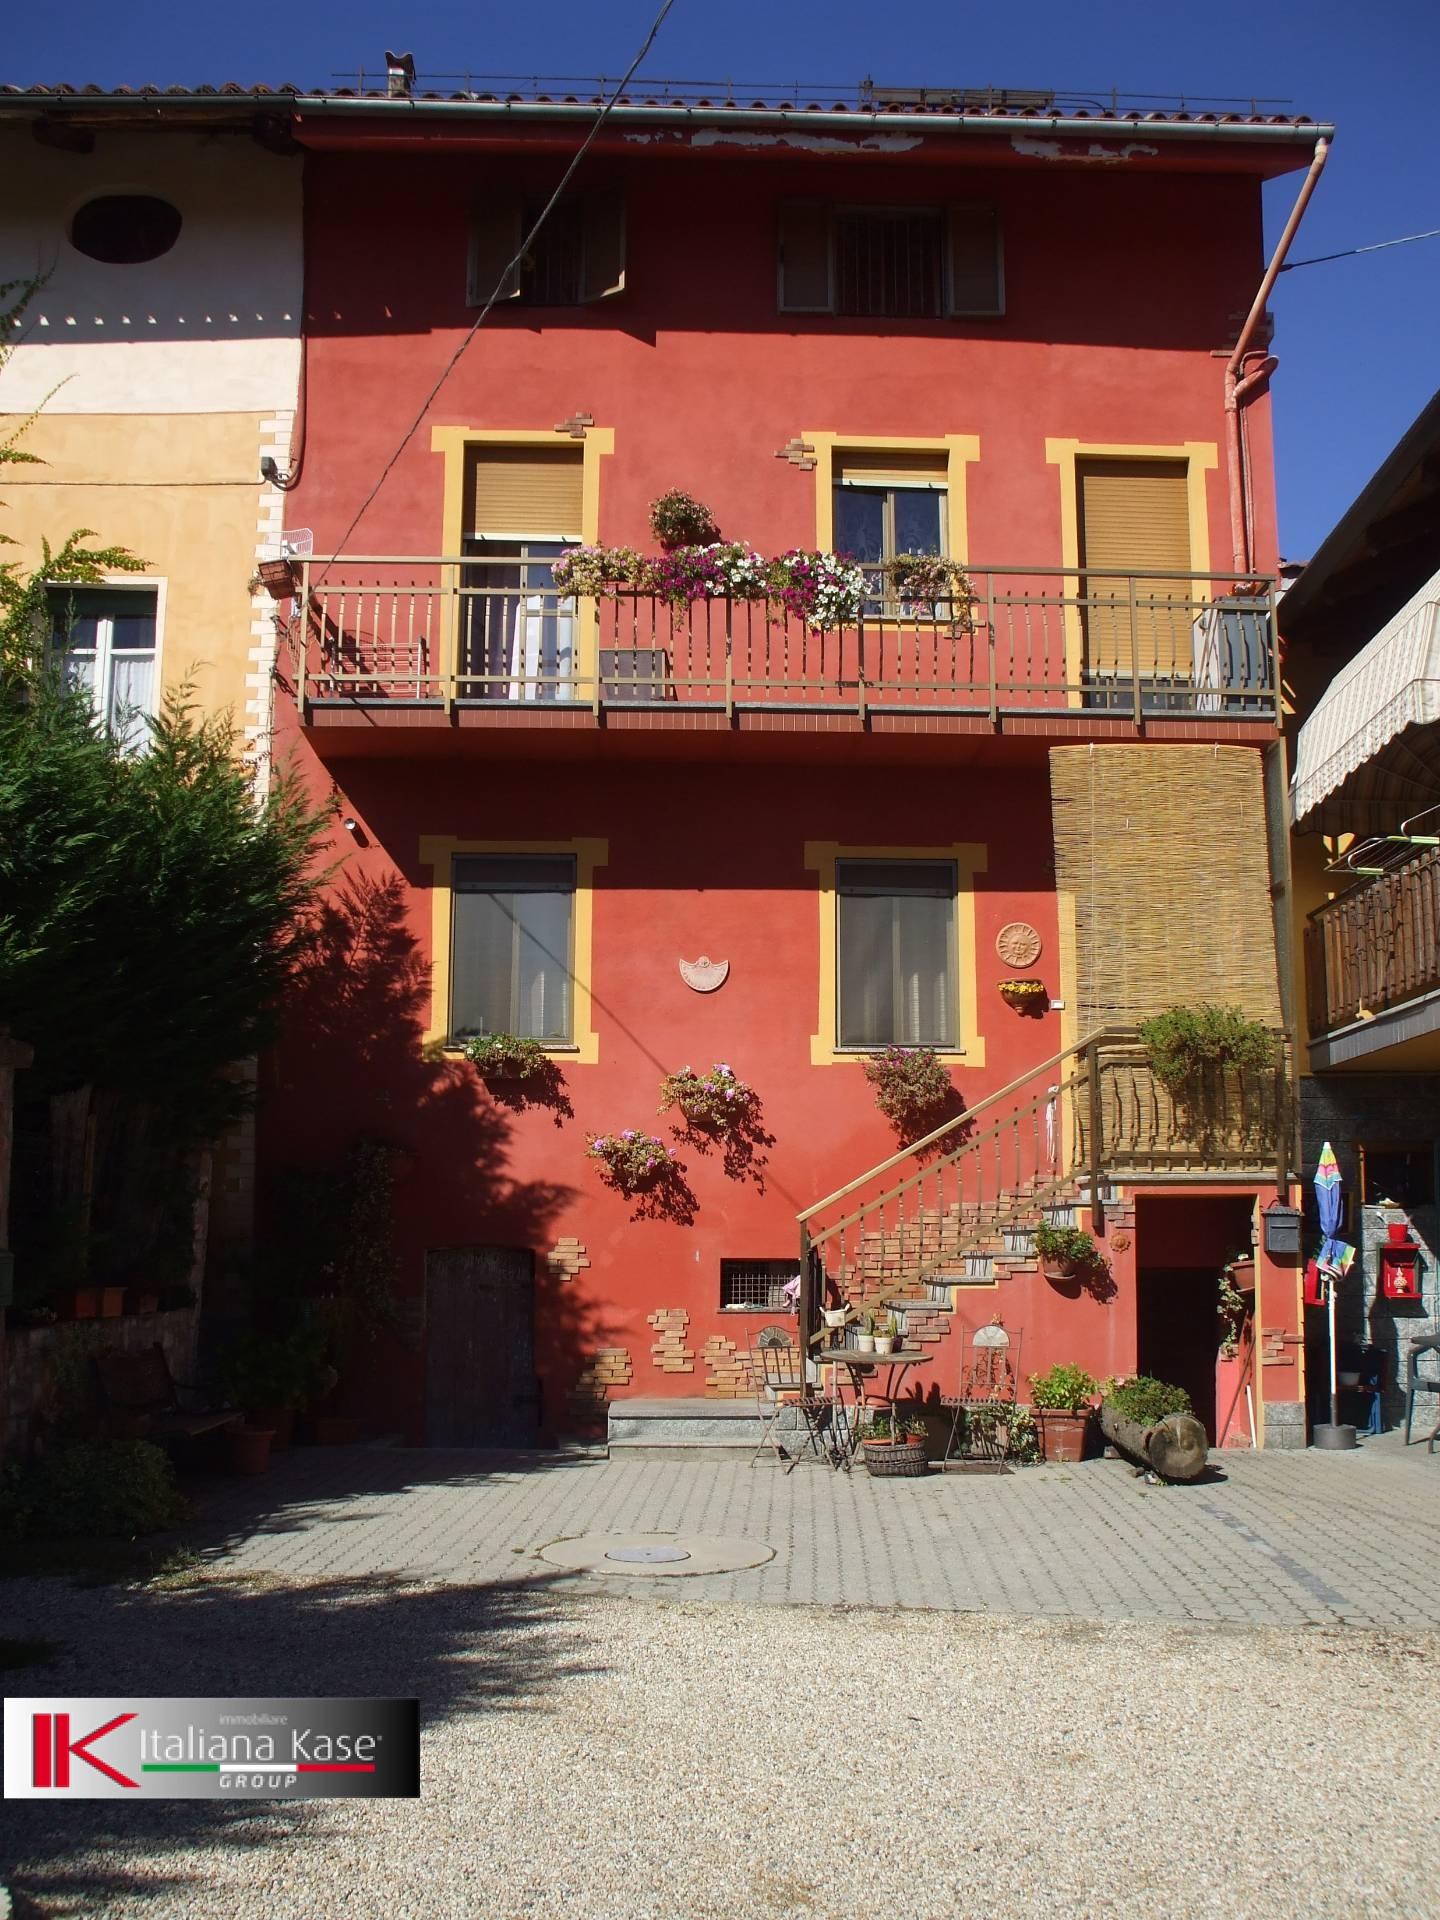 Soluzione Semindipendente in vendita a Sciolze, 5 locali, zona Località: Sciolze, prezzo € 125.000 | Cambio Casa.it